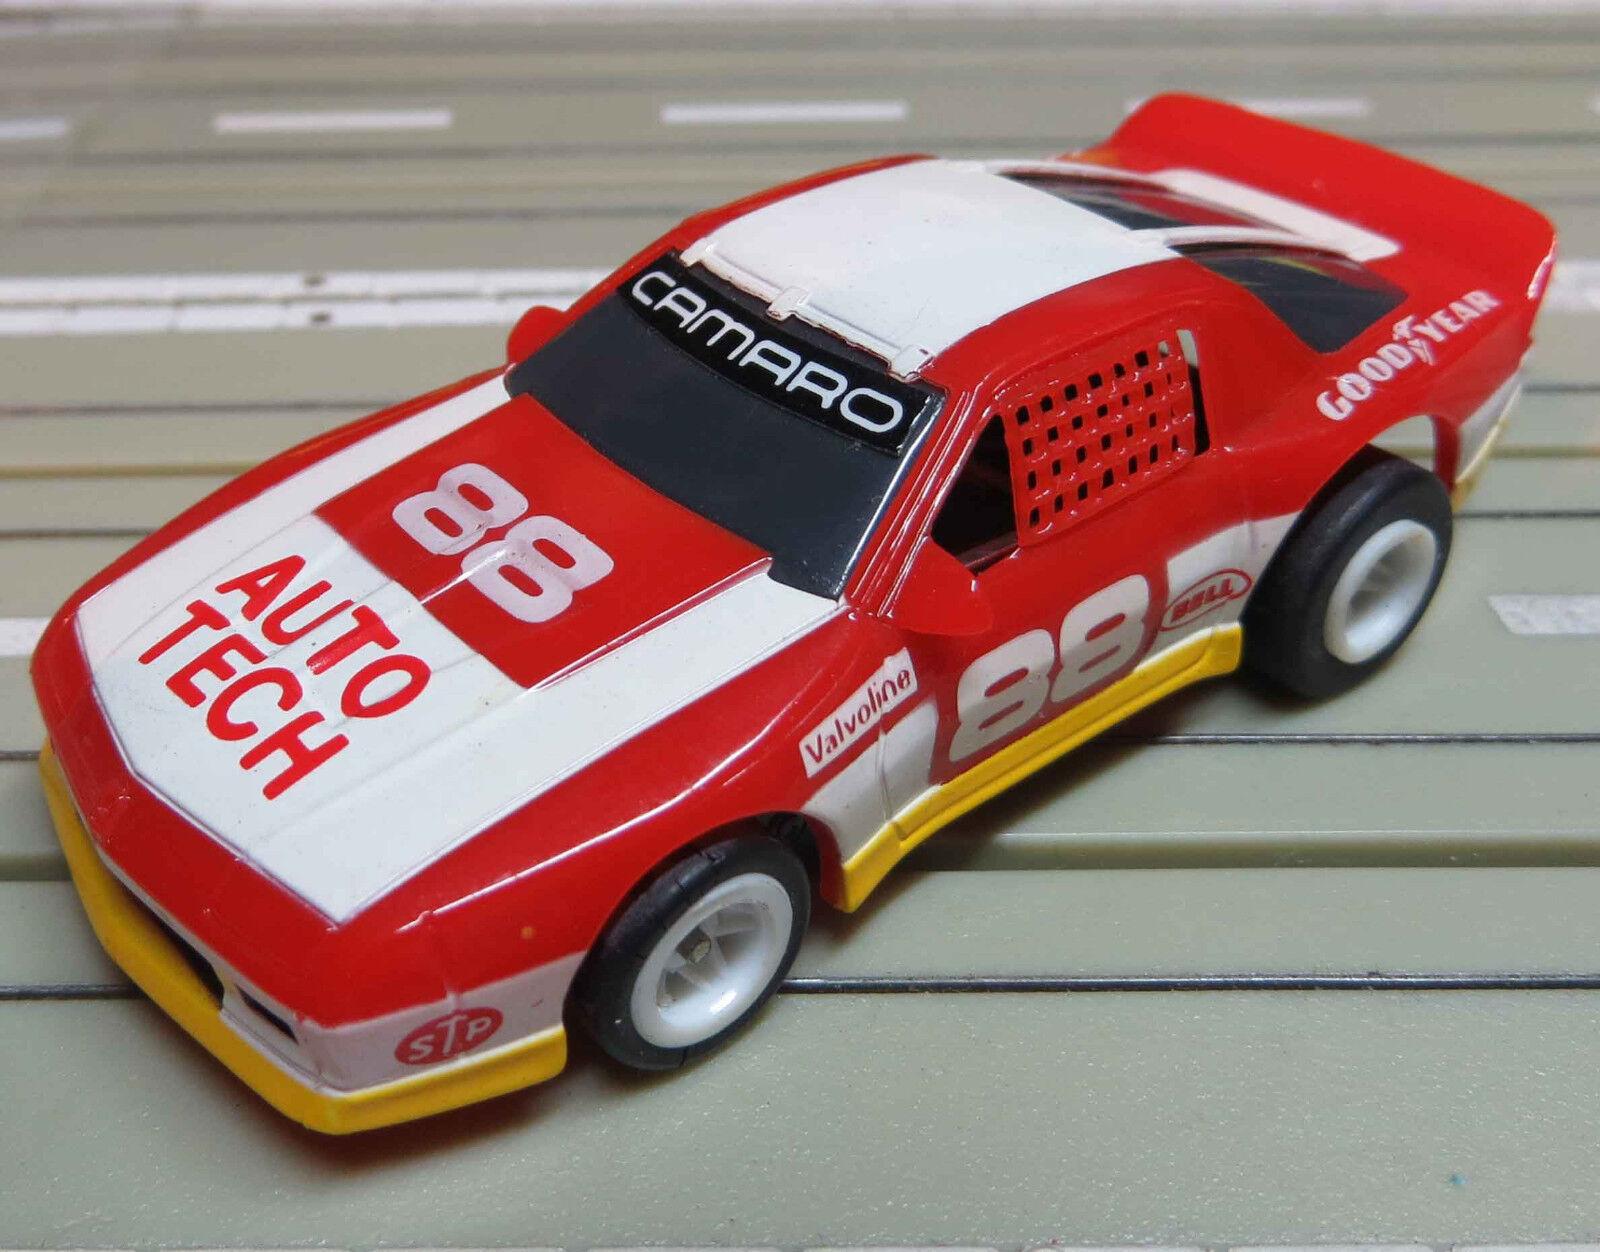 Für H0 Slotcar Racing Modellbahn -- Camaro mit Tomy Motor,  2 neue Hinterreifen    ein guter Ruf in der Welt